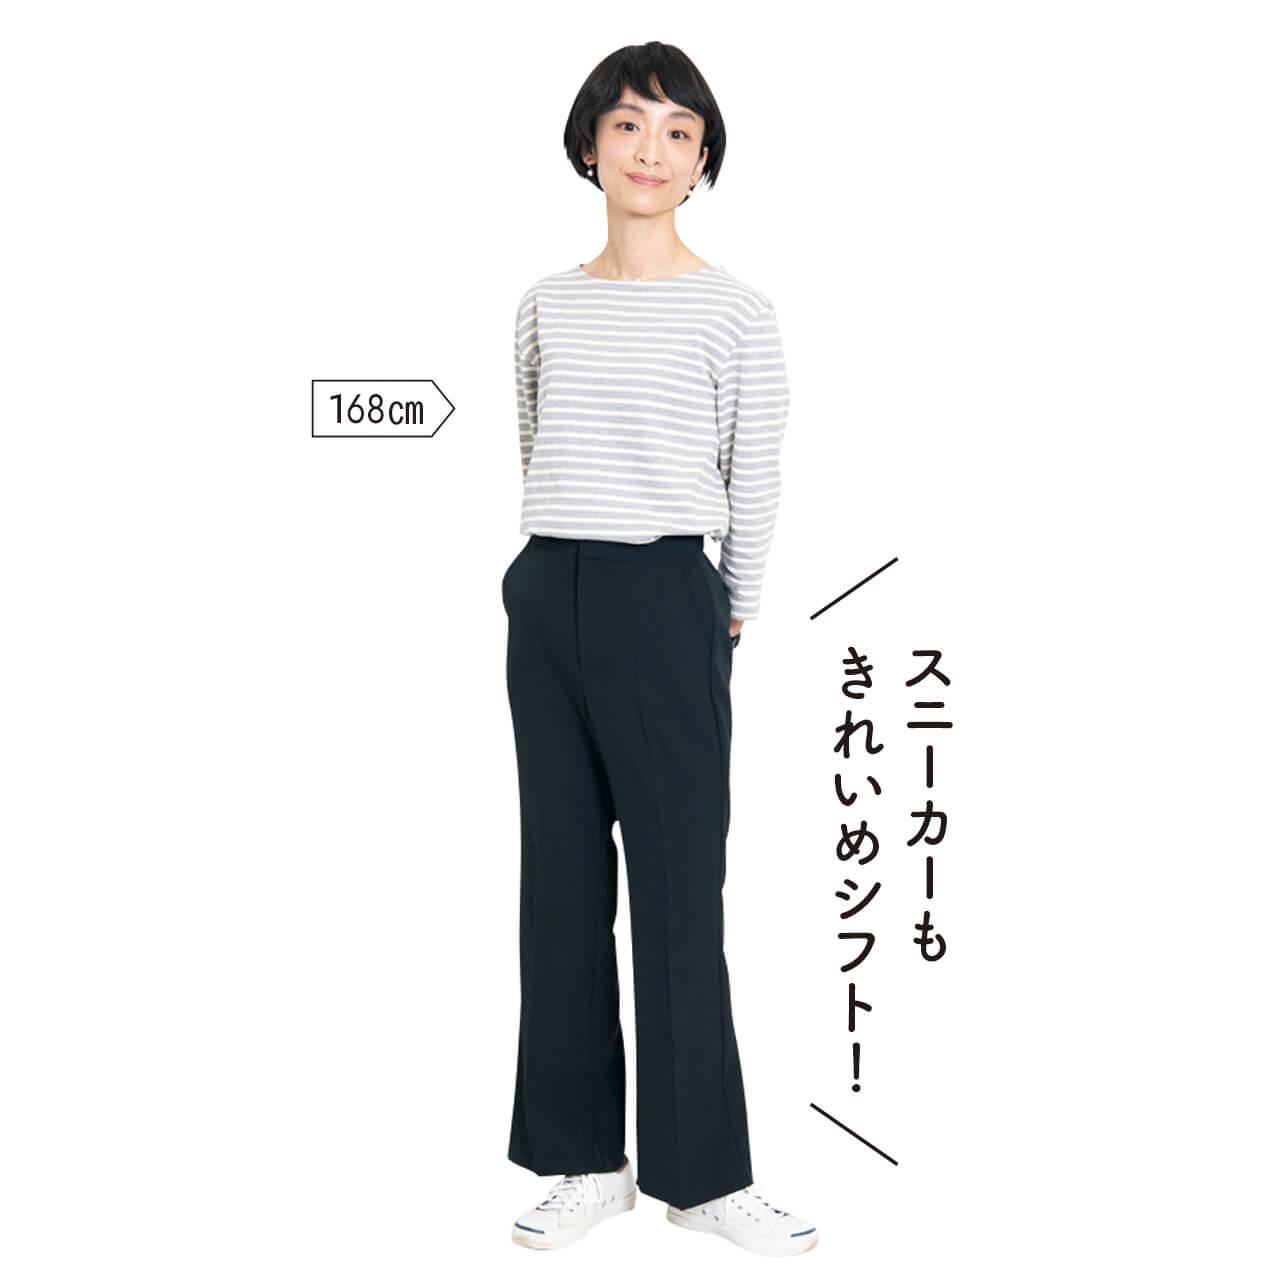 168cm LEEキャラクター田森さん 「スニーカーもきれいめシフト!」